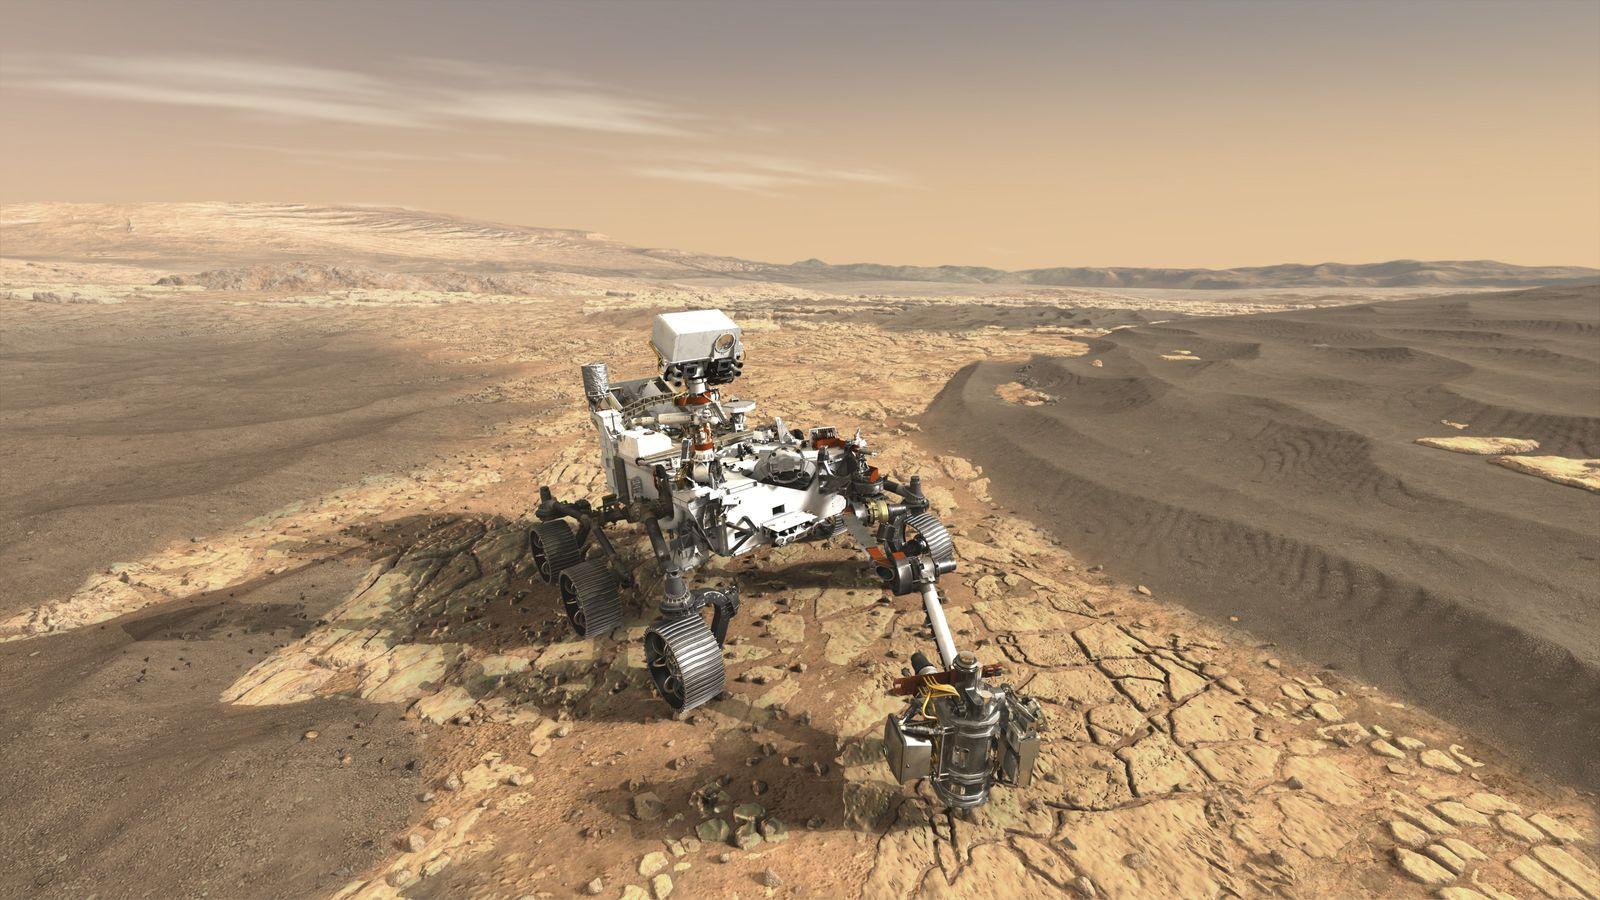 Le rover Mars 2020 récoltera des échantillons de sédiments près du cratère de Jezero, dans le ...